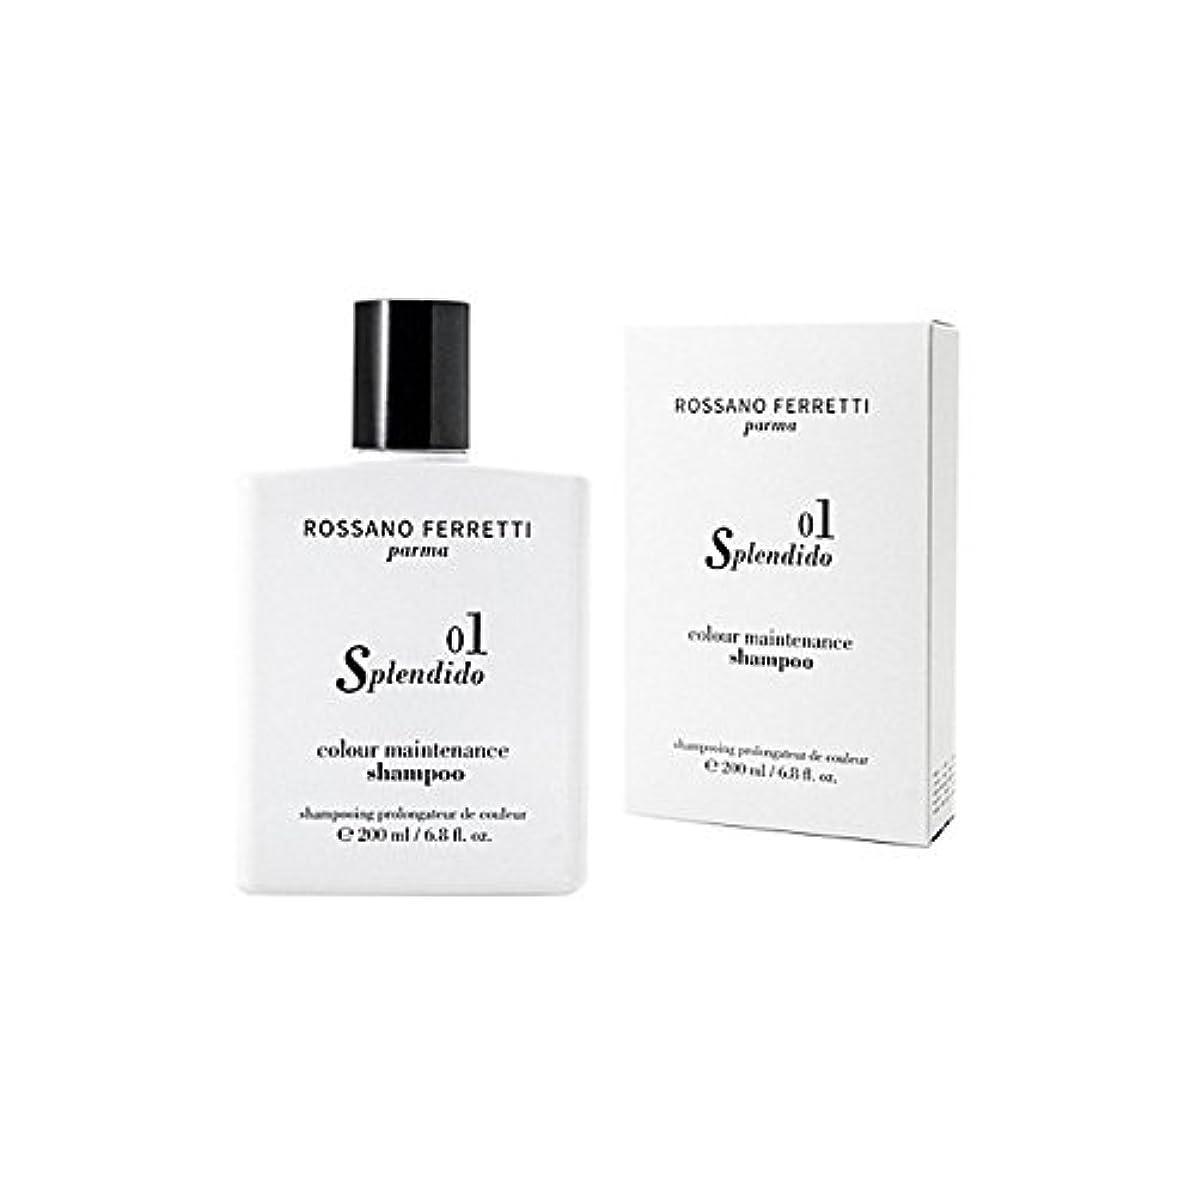 密接に滑りやすい分泌するRossano Ferretti Parma Splendido Colour Maintenance Shampoo 200ml (Pack of 6) - ロッサノフェレッティパルマスプレンディードカラーメンテナンスシャンプー200ミリリットル x6 [並行輸入品]